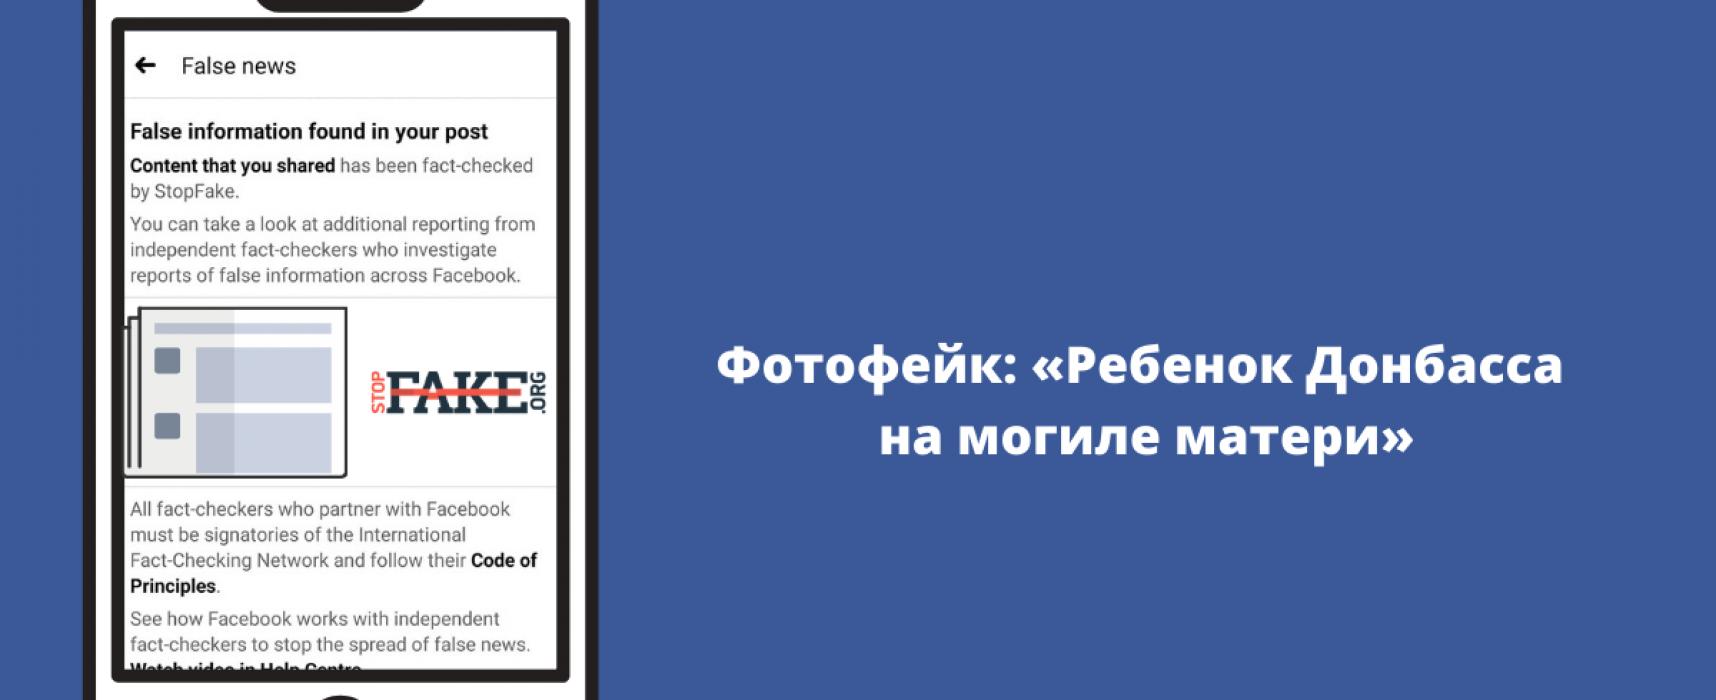 Фотофейк: «Ребенок Донбасса на могиле матери»